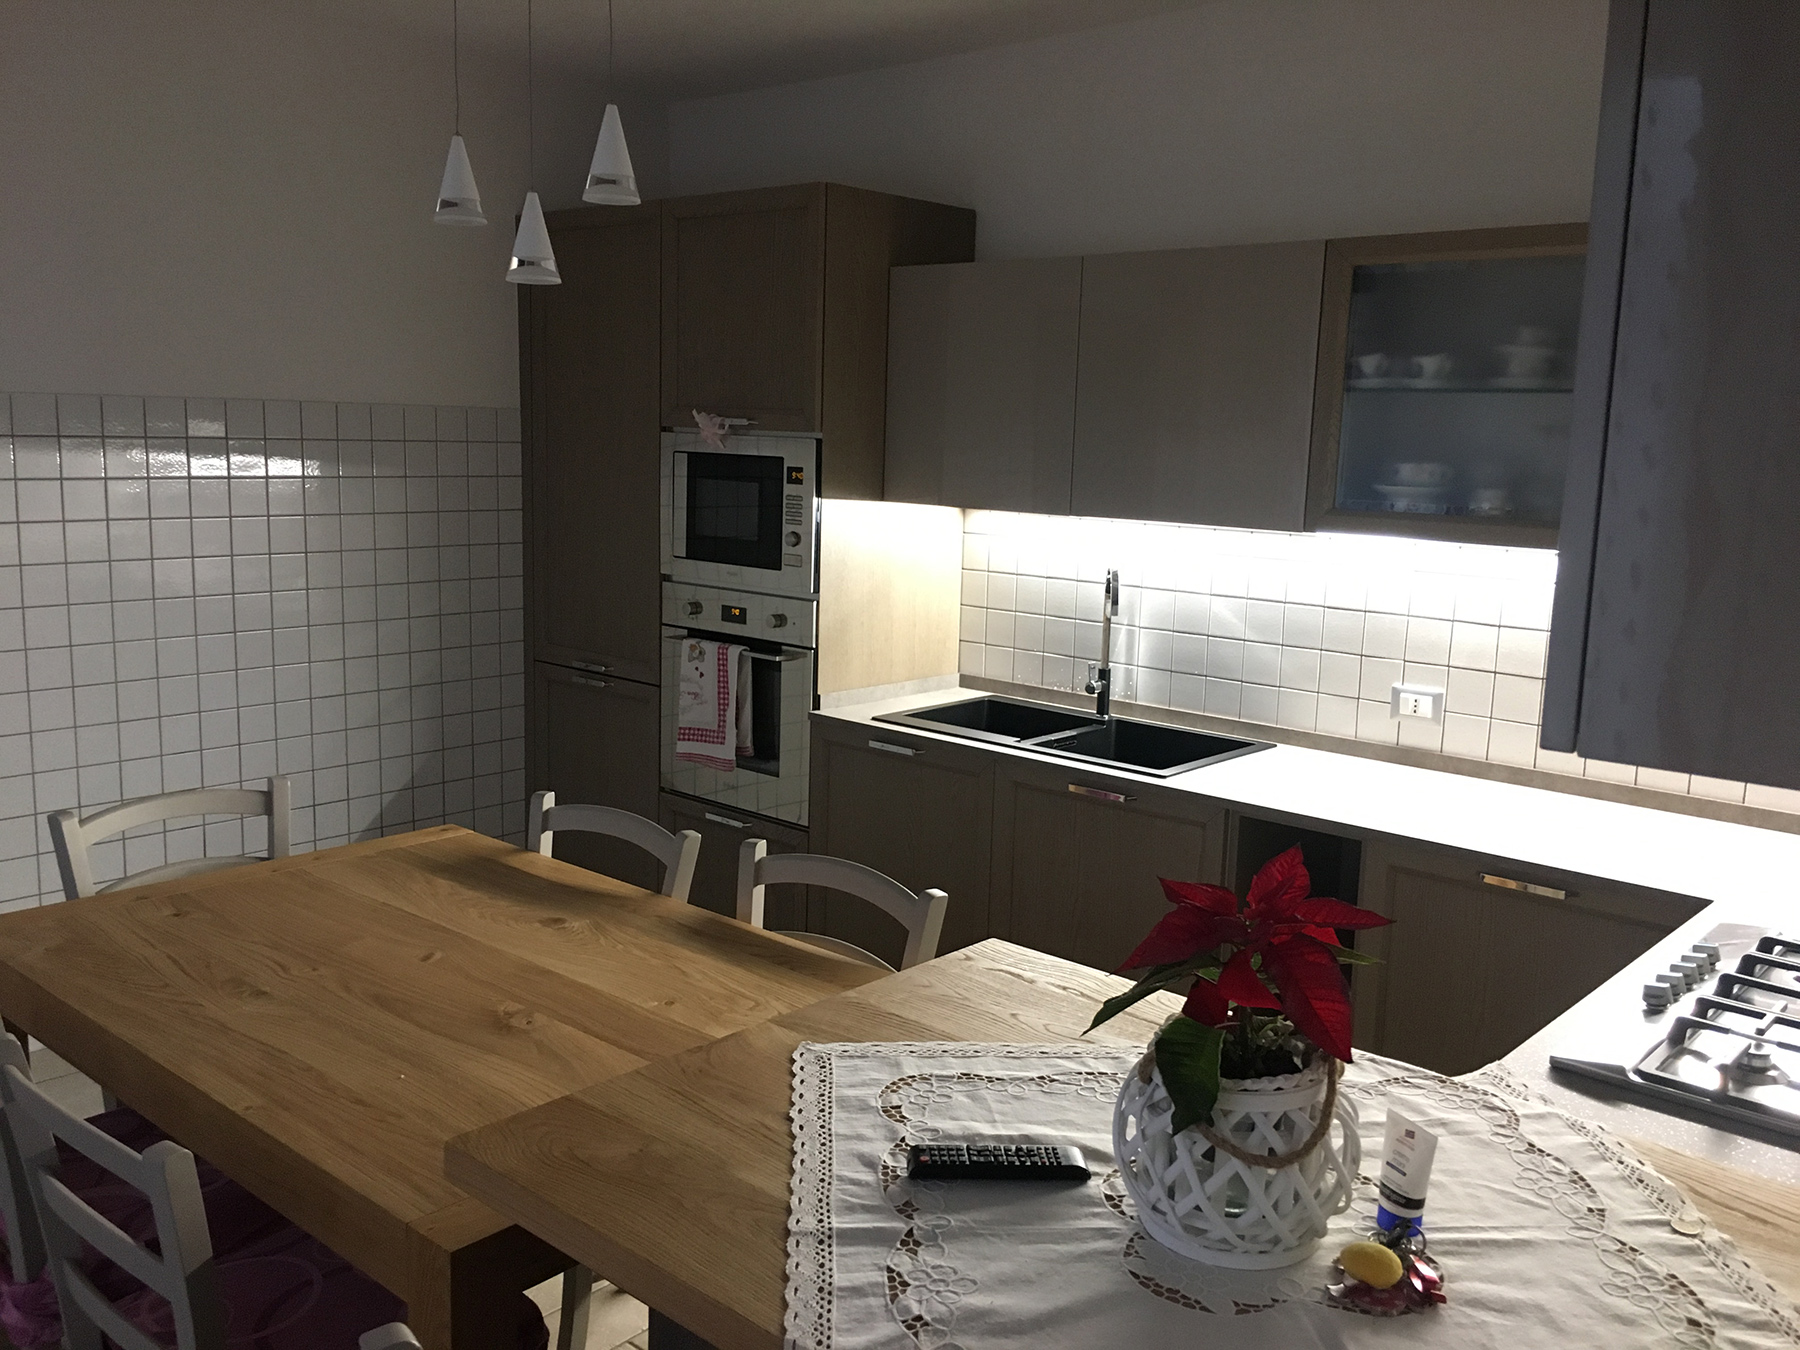 Cucina Spagnol modello Avenue 23 - Arredamenti Stanza per Stanza di Vettoretti M.